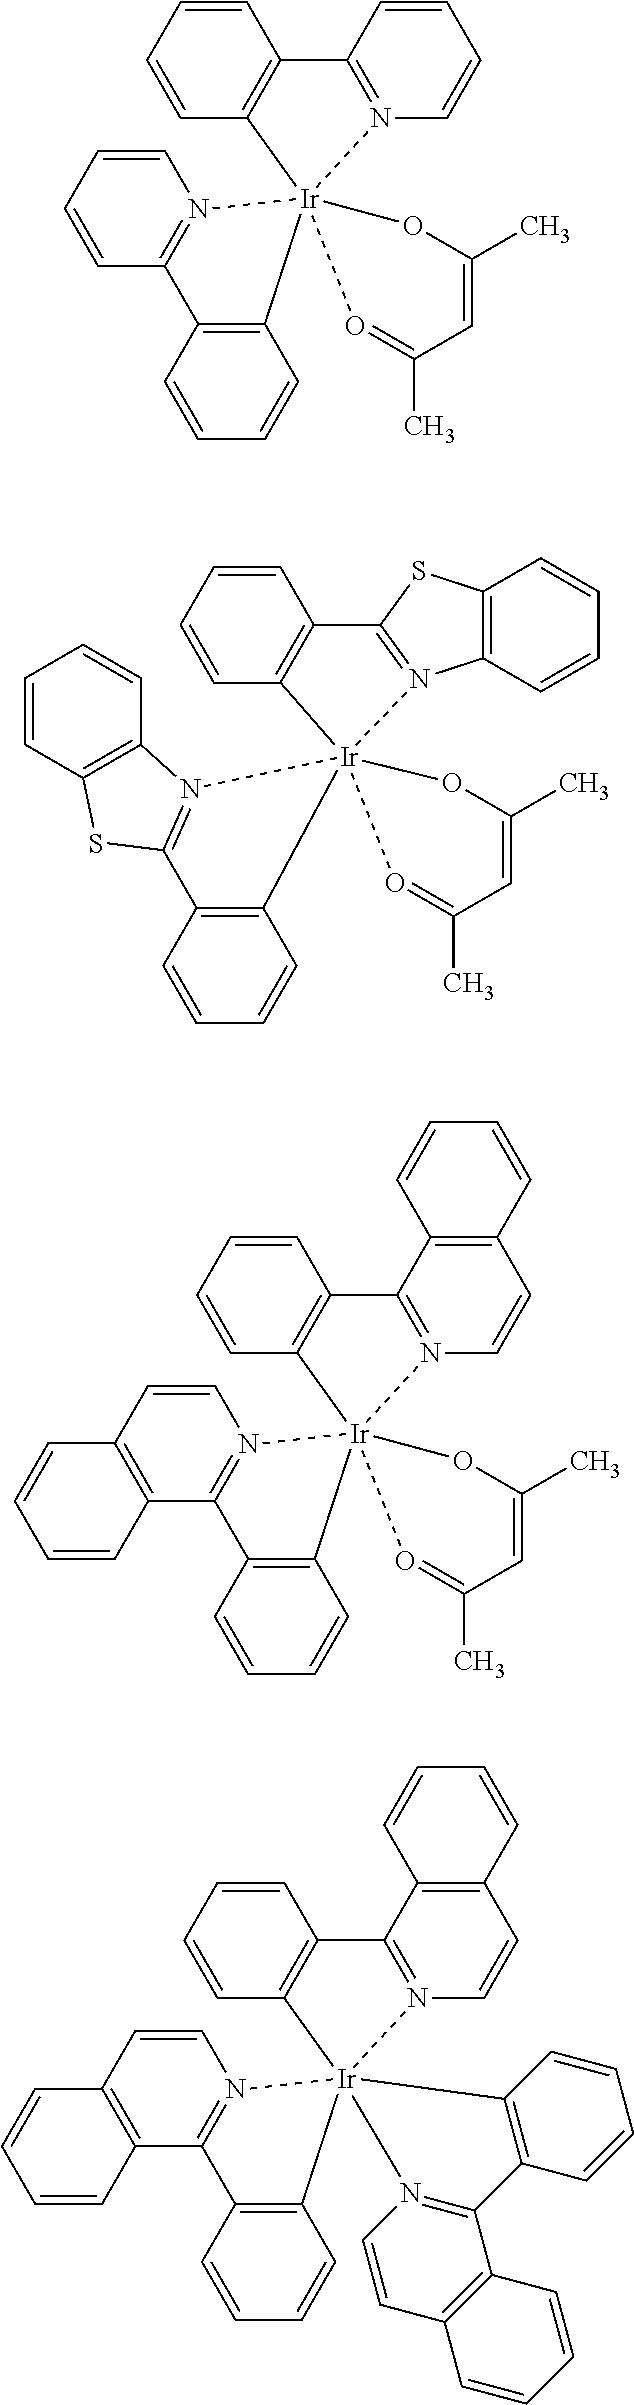 Figure US20150280139A1-20151001-C00123